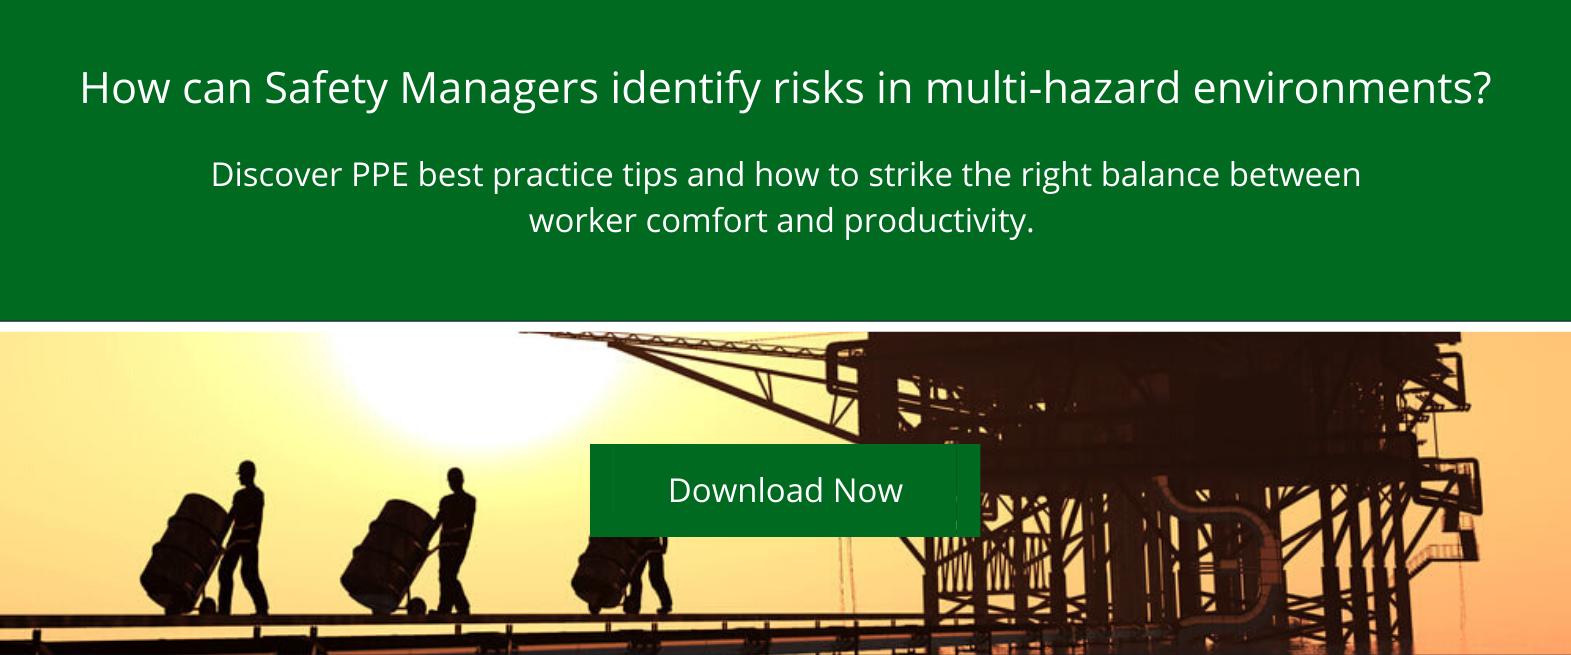 Risk Assessment in multihazard environments